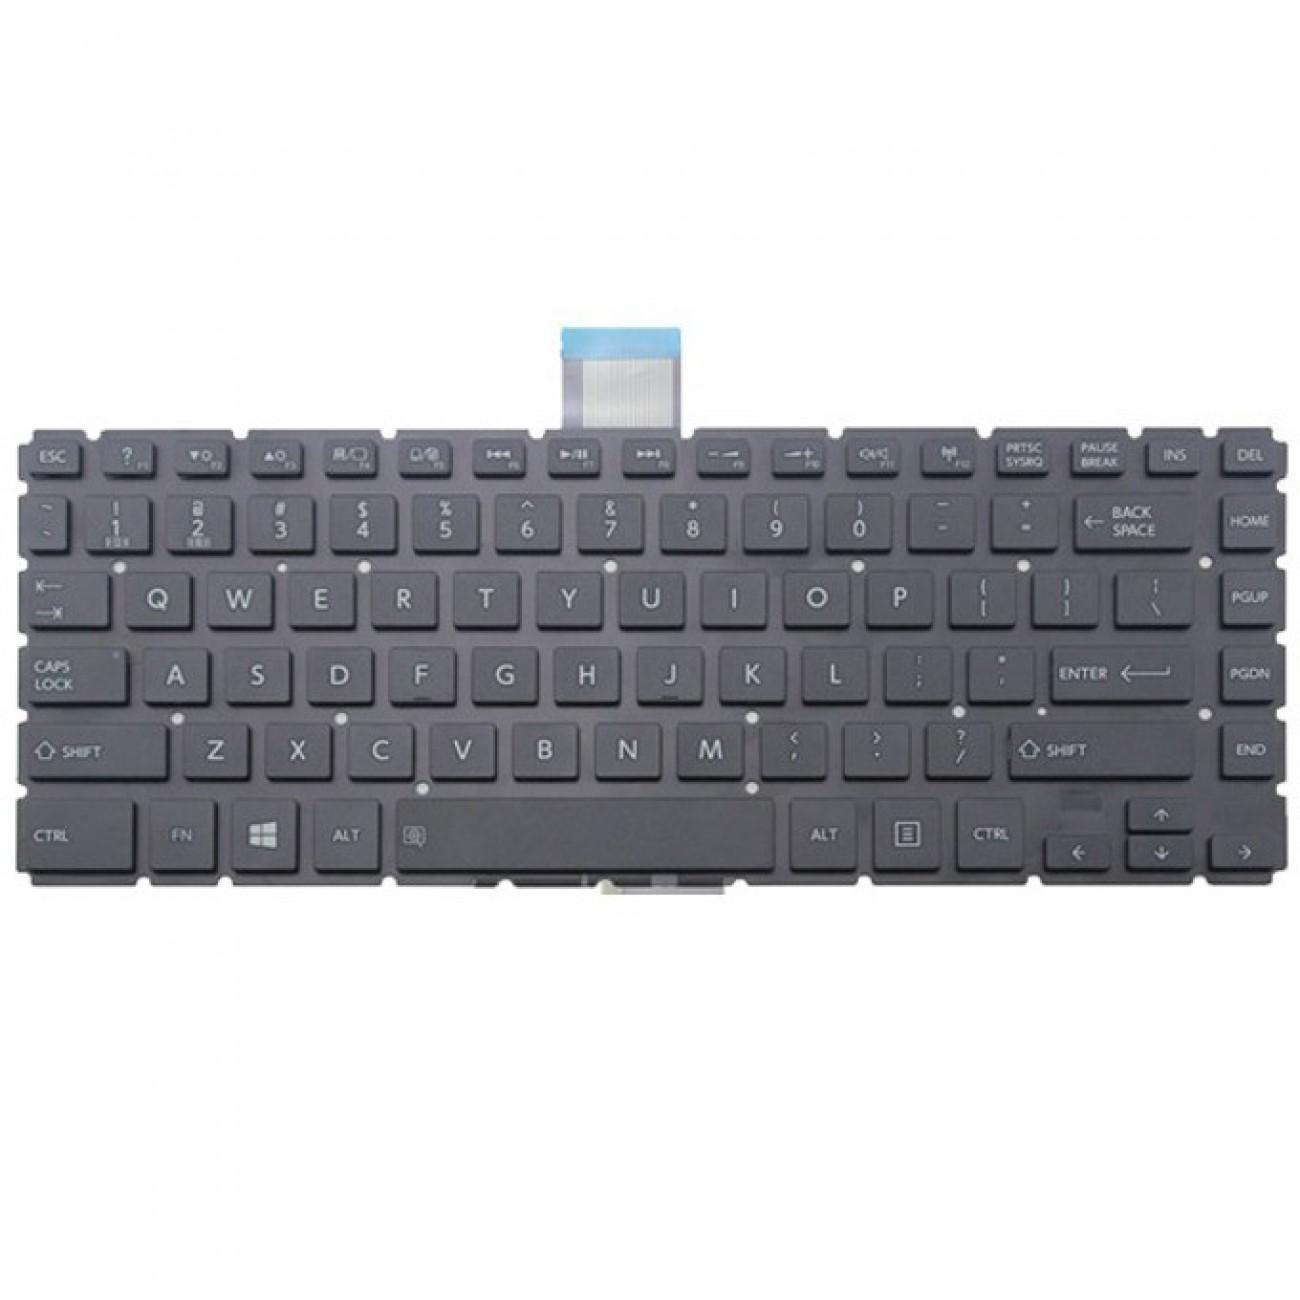 Клавиатура за Toshiba Satellite E45T-B L40-B S40-B, UK(голям enter), без рамка, черна в Резервни части -  | Alleop